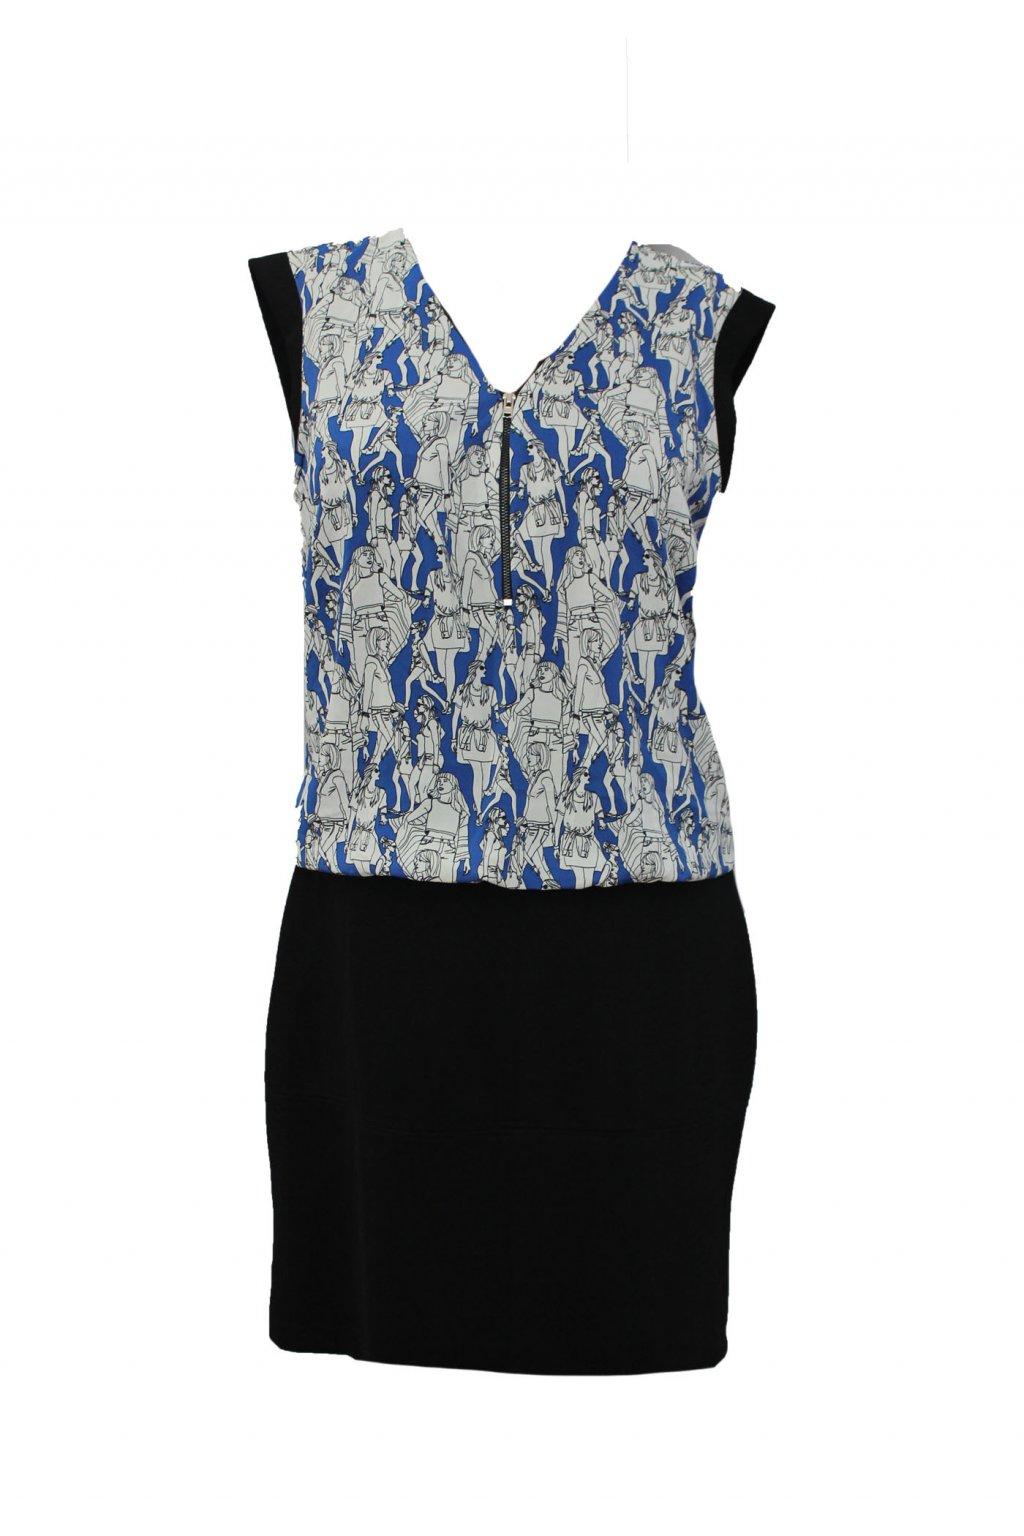 Dámské šaty Bréal 1370079-444